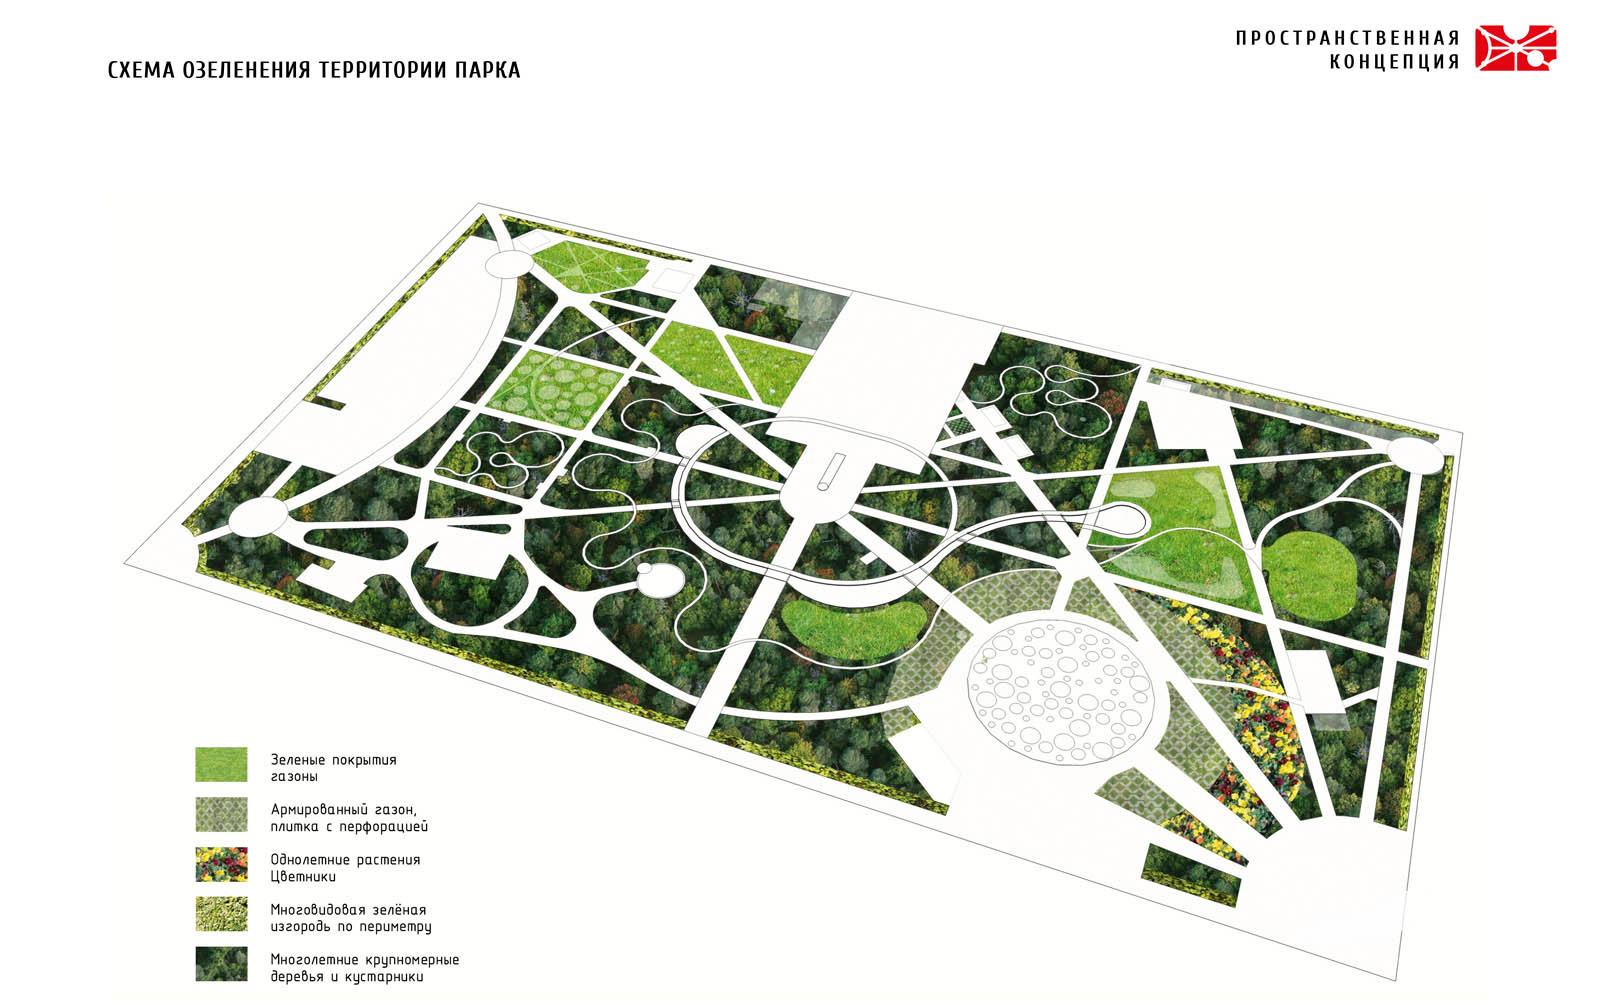 Комплексная концепция реконструкции и развития Центрального парка  Комплексная концепция реконструкции и развития Центрального парка в Новосибирске